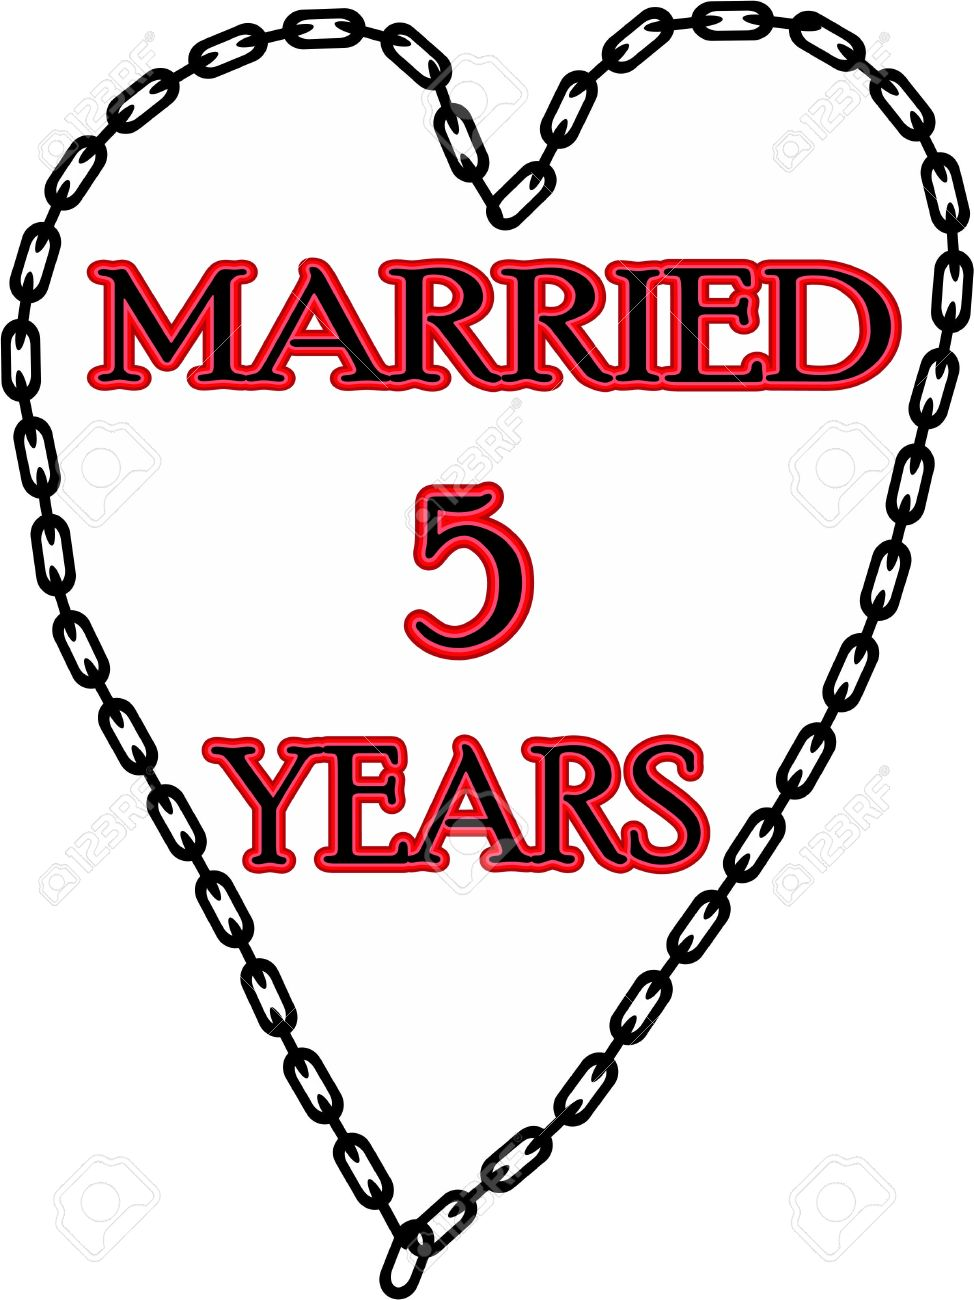 Wedding anniversary 5 year